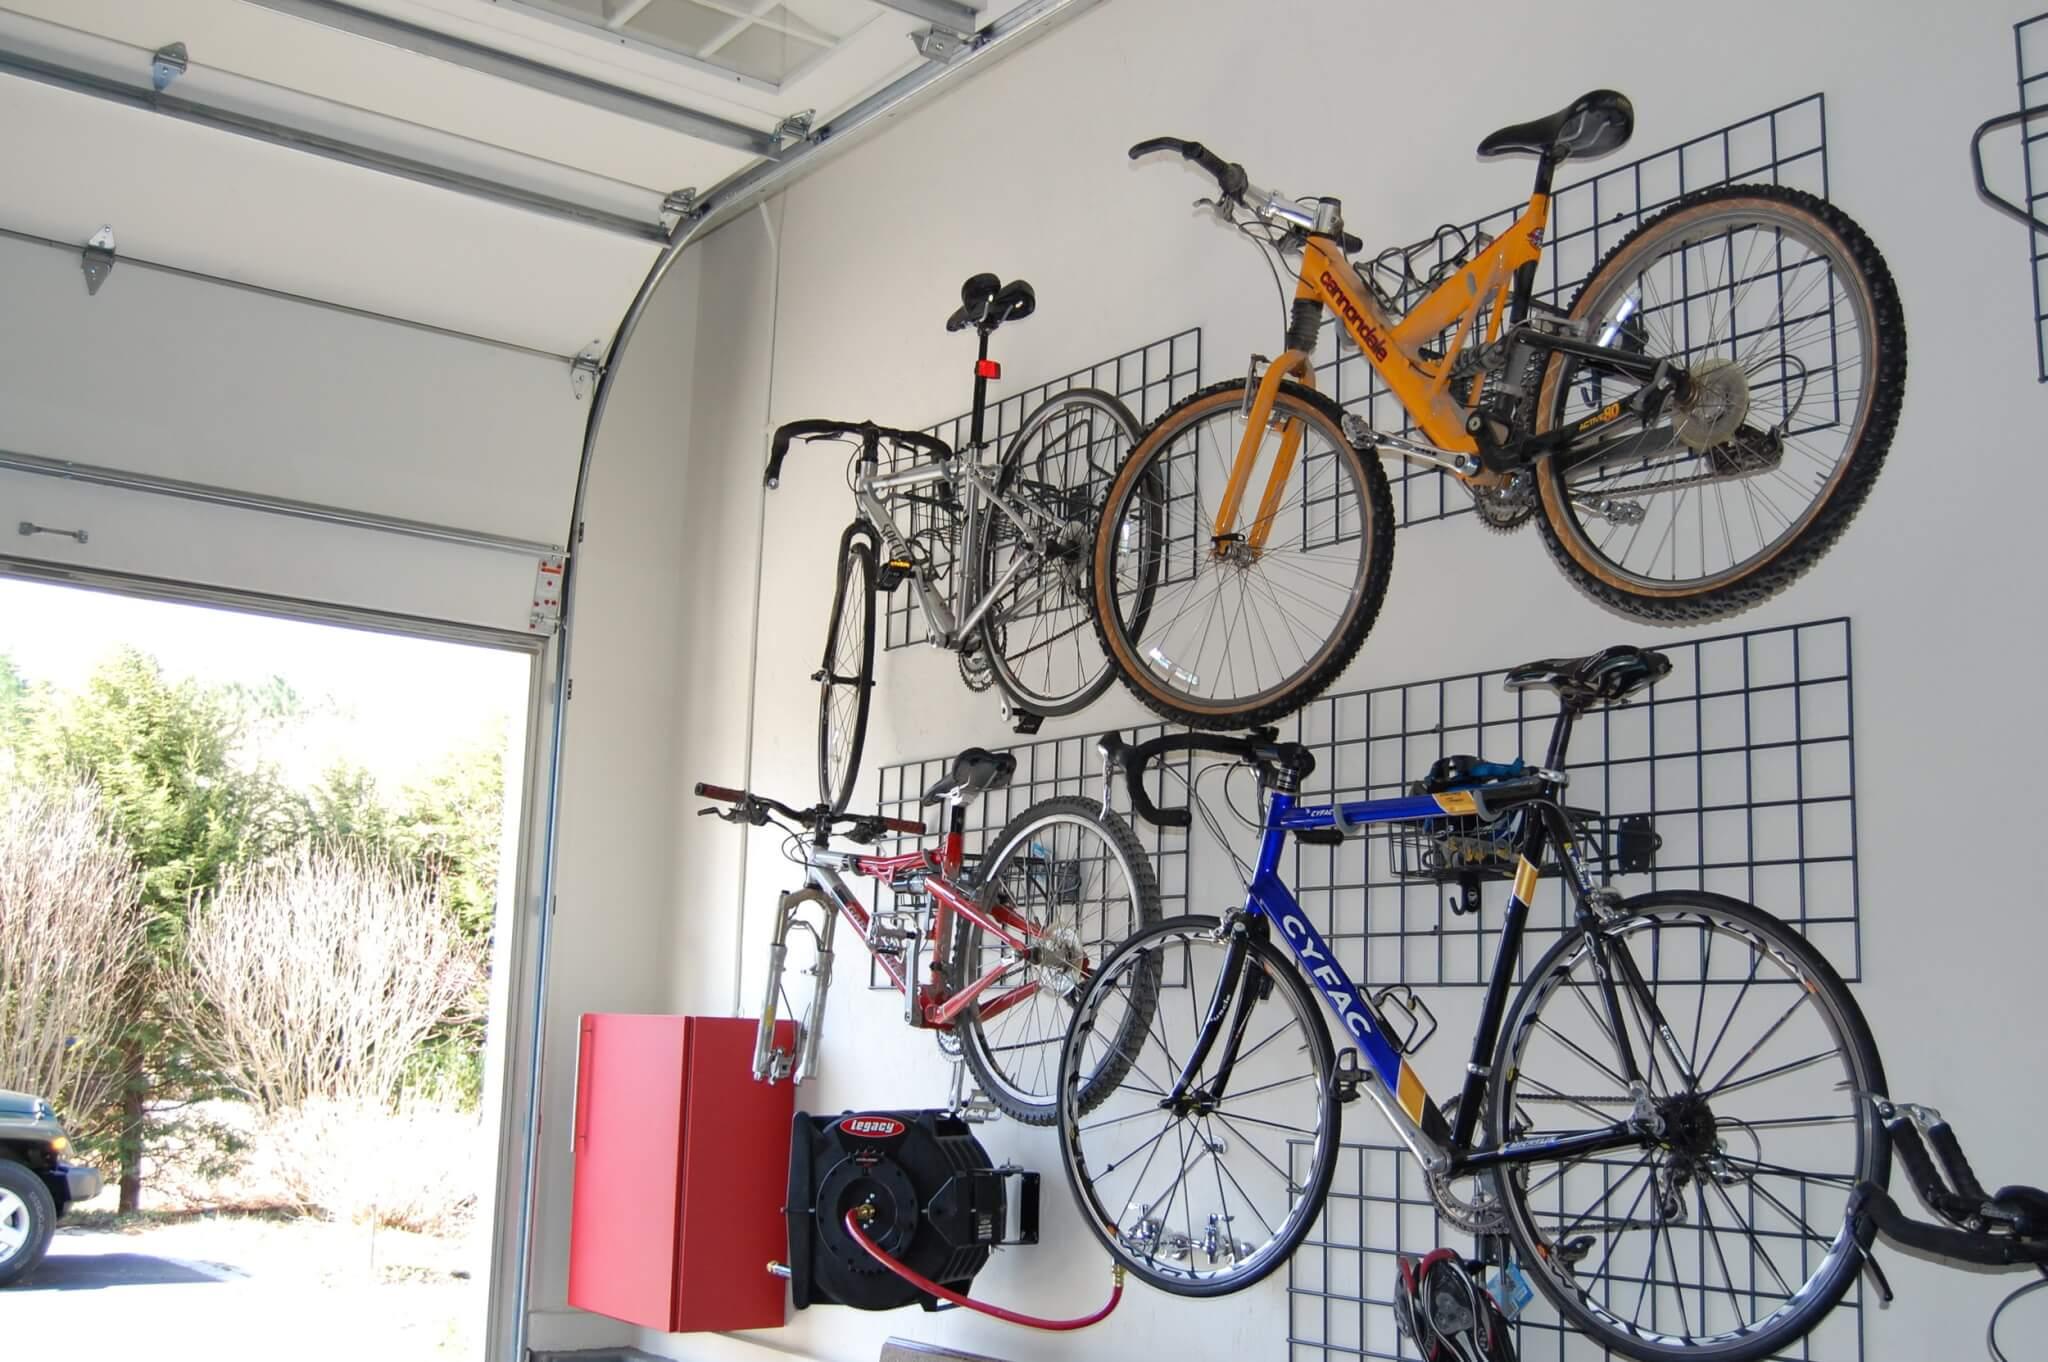 Bike+rack+&+baskets